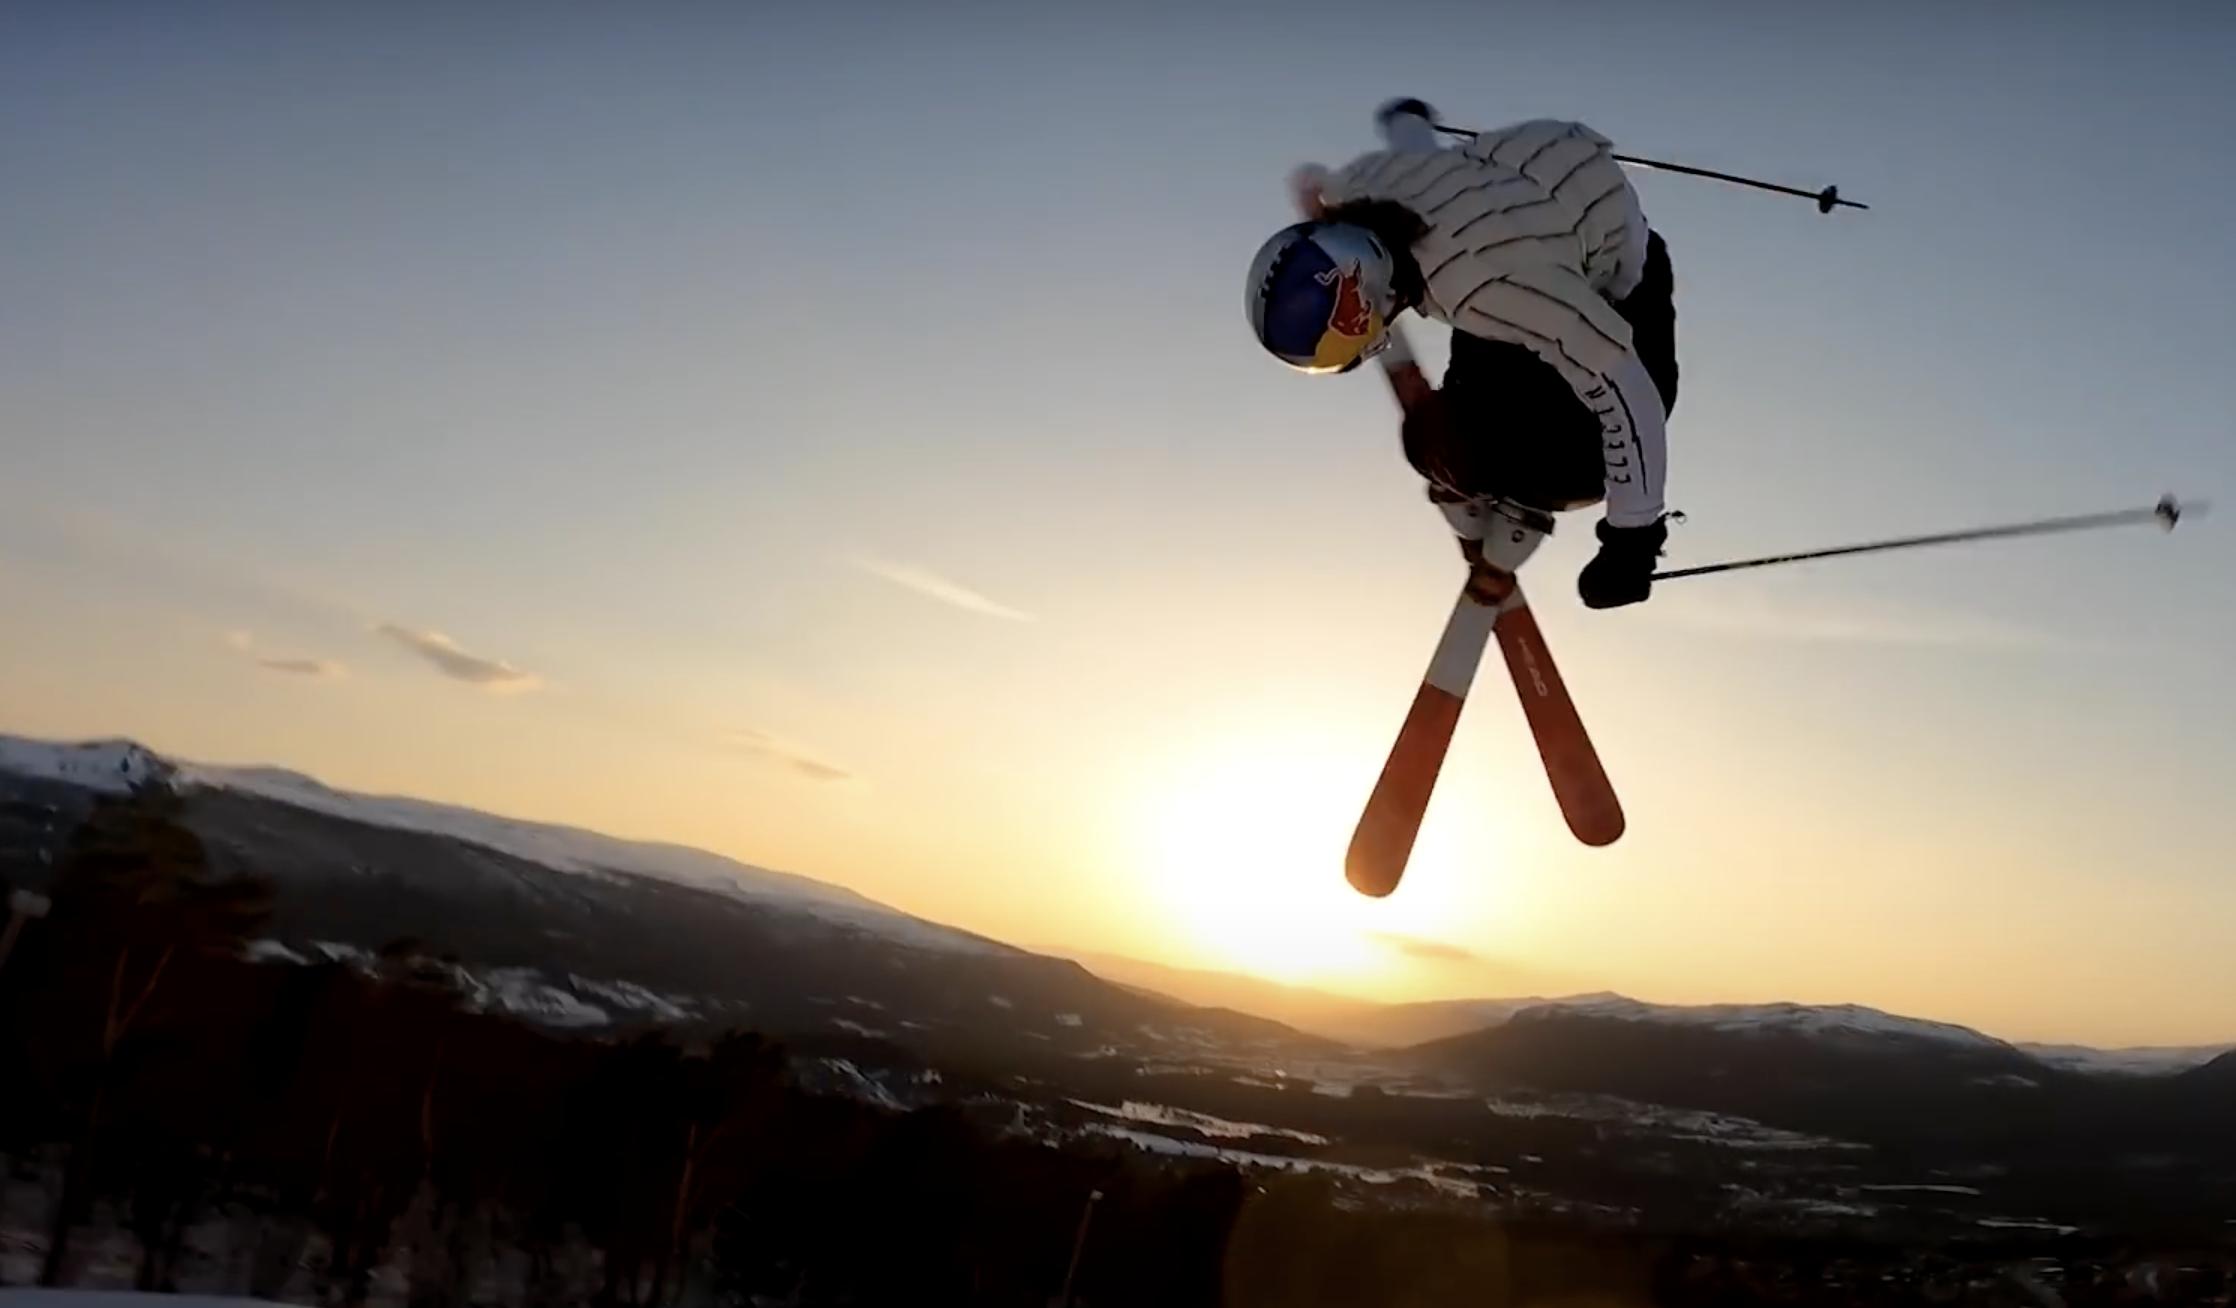 Profi-Snowboarder auf zwei Brettern